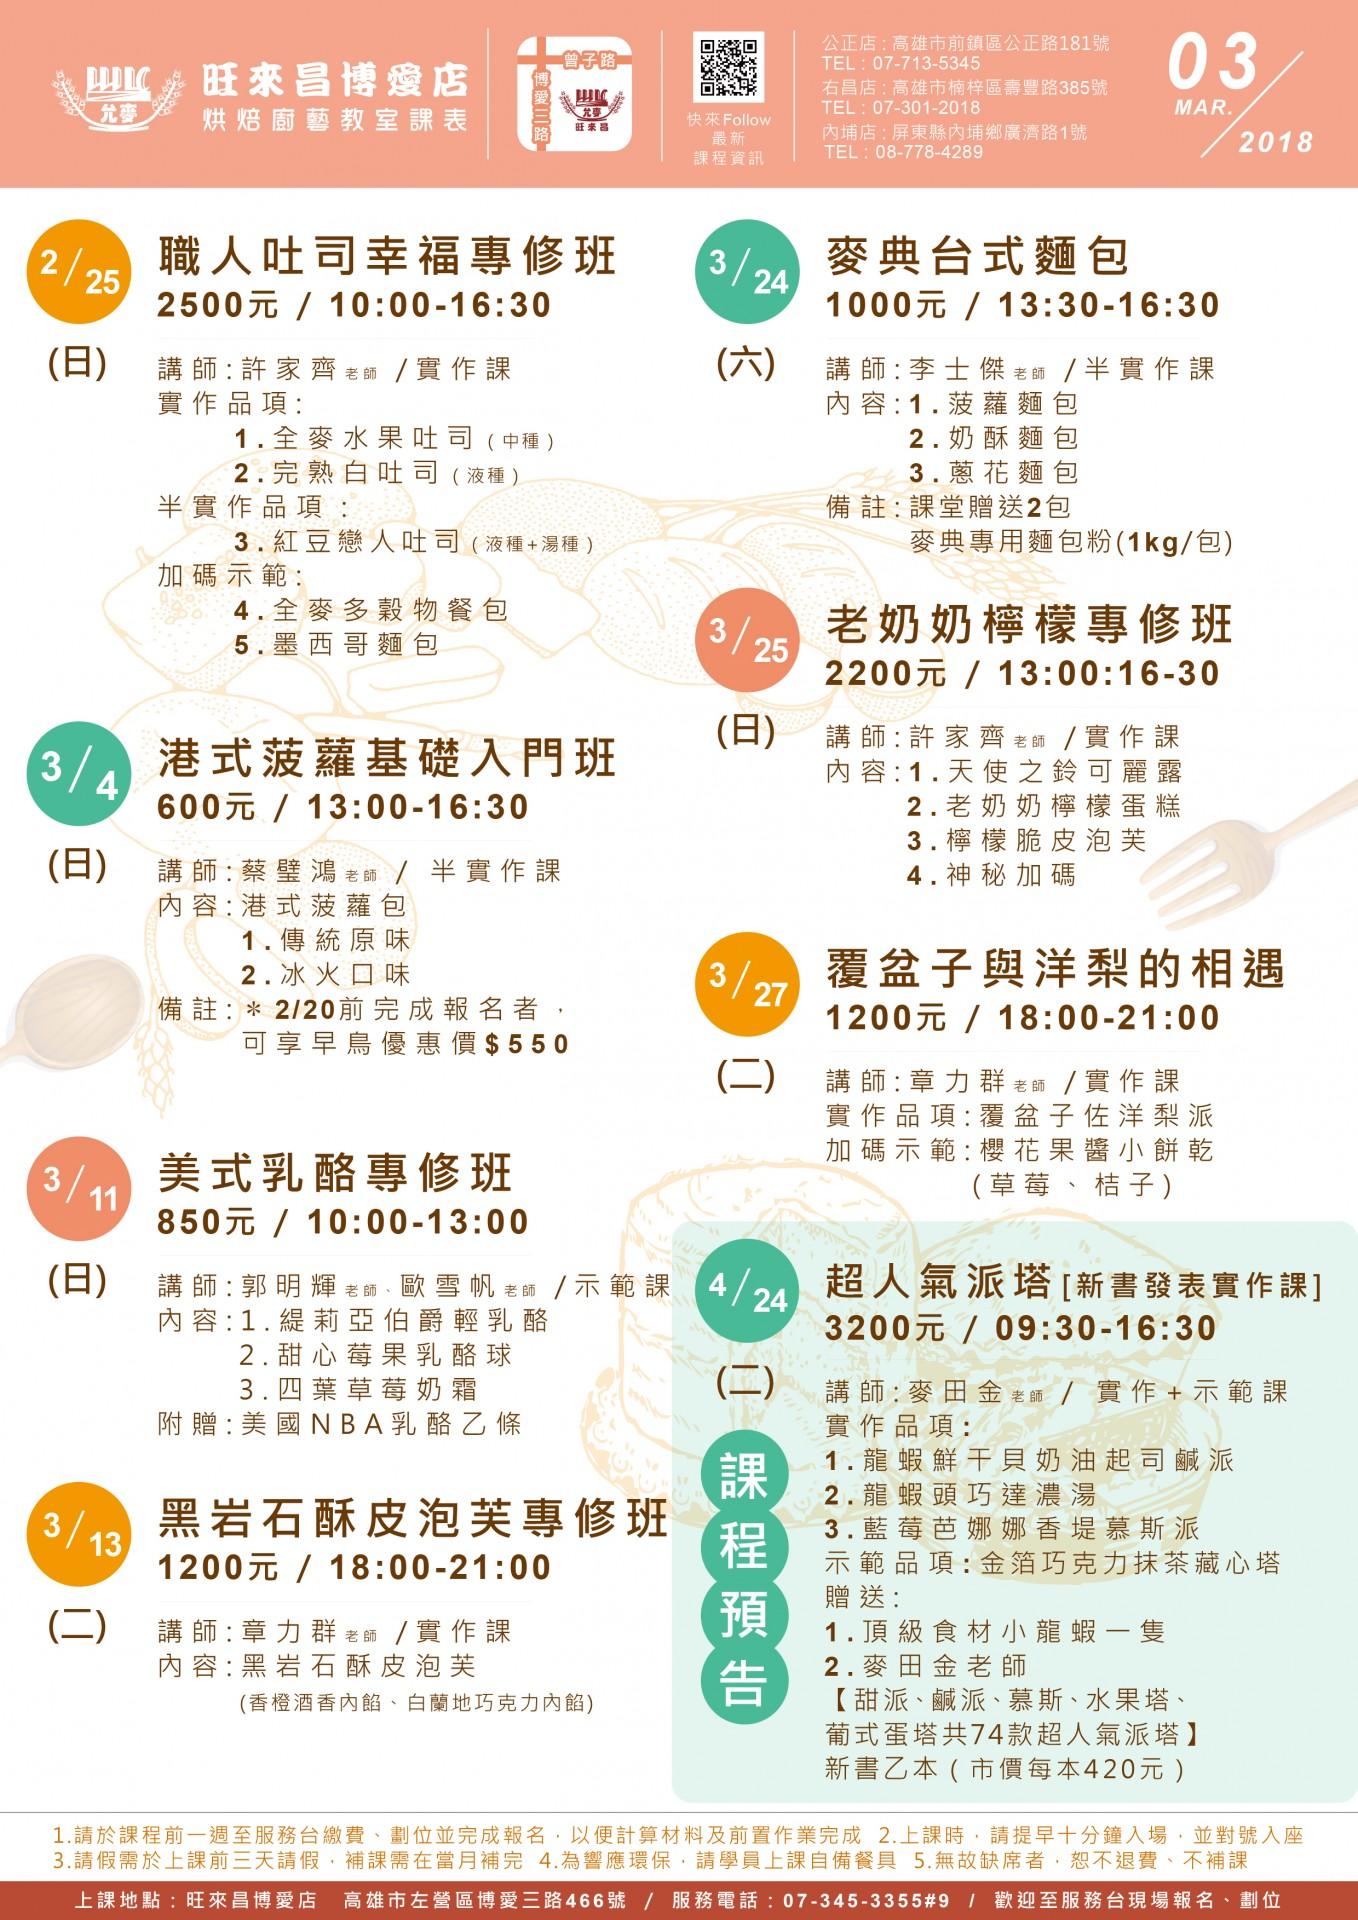 2018年3月博愛店課表